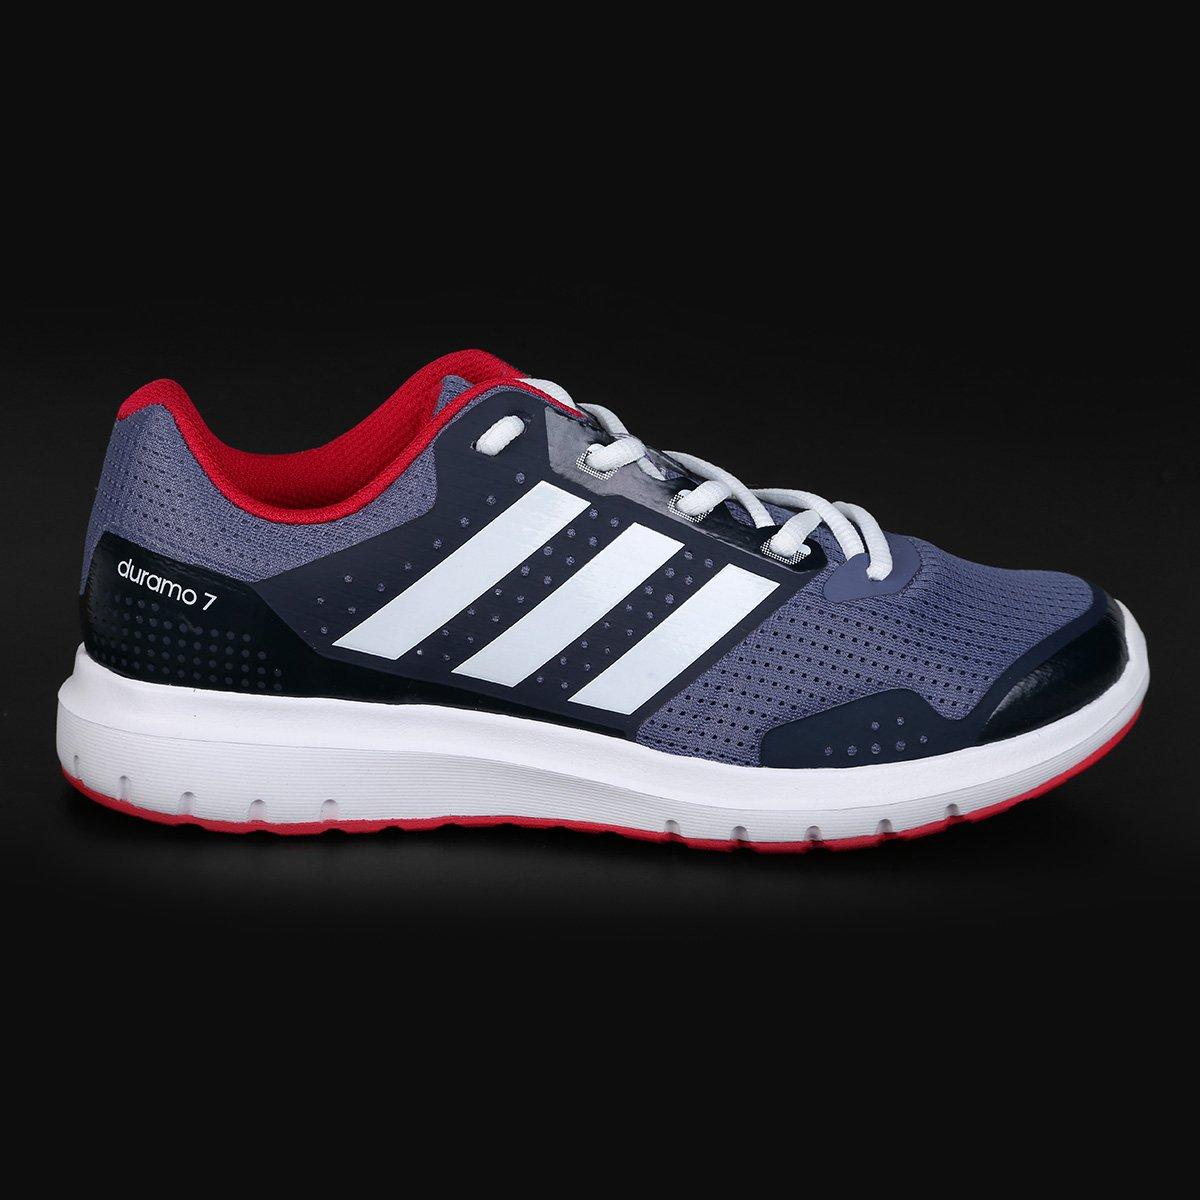 726757d52f Tênis Adidas Duramo 7 Feminino - Chumbo e Vermelho - Compre Agora ...